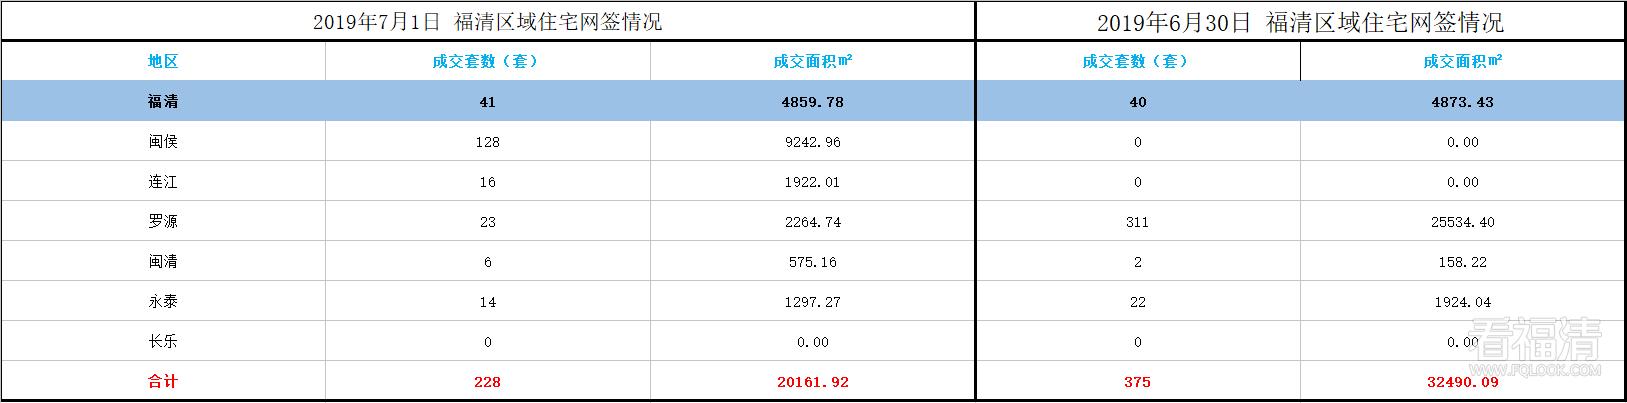 福清市2019年7月份区域住宅网签情况